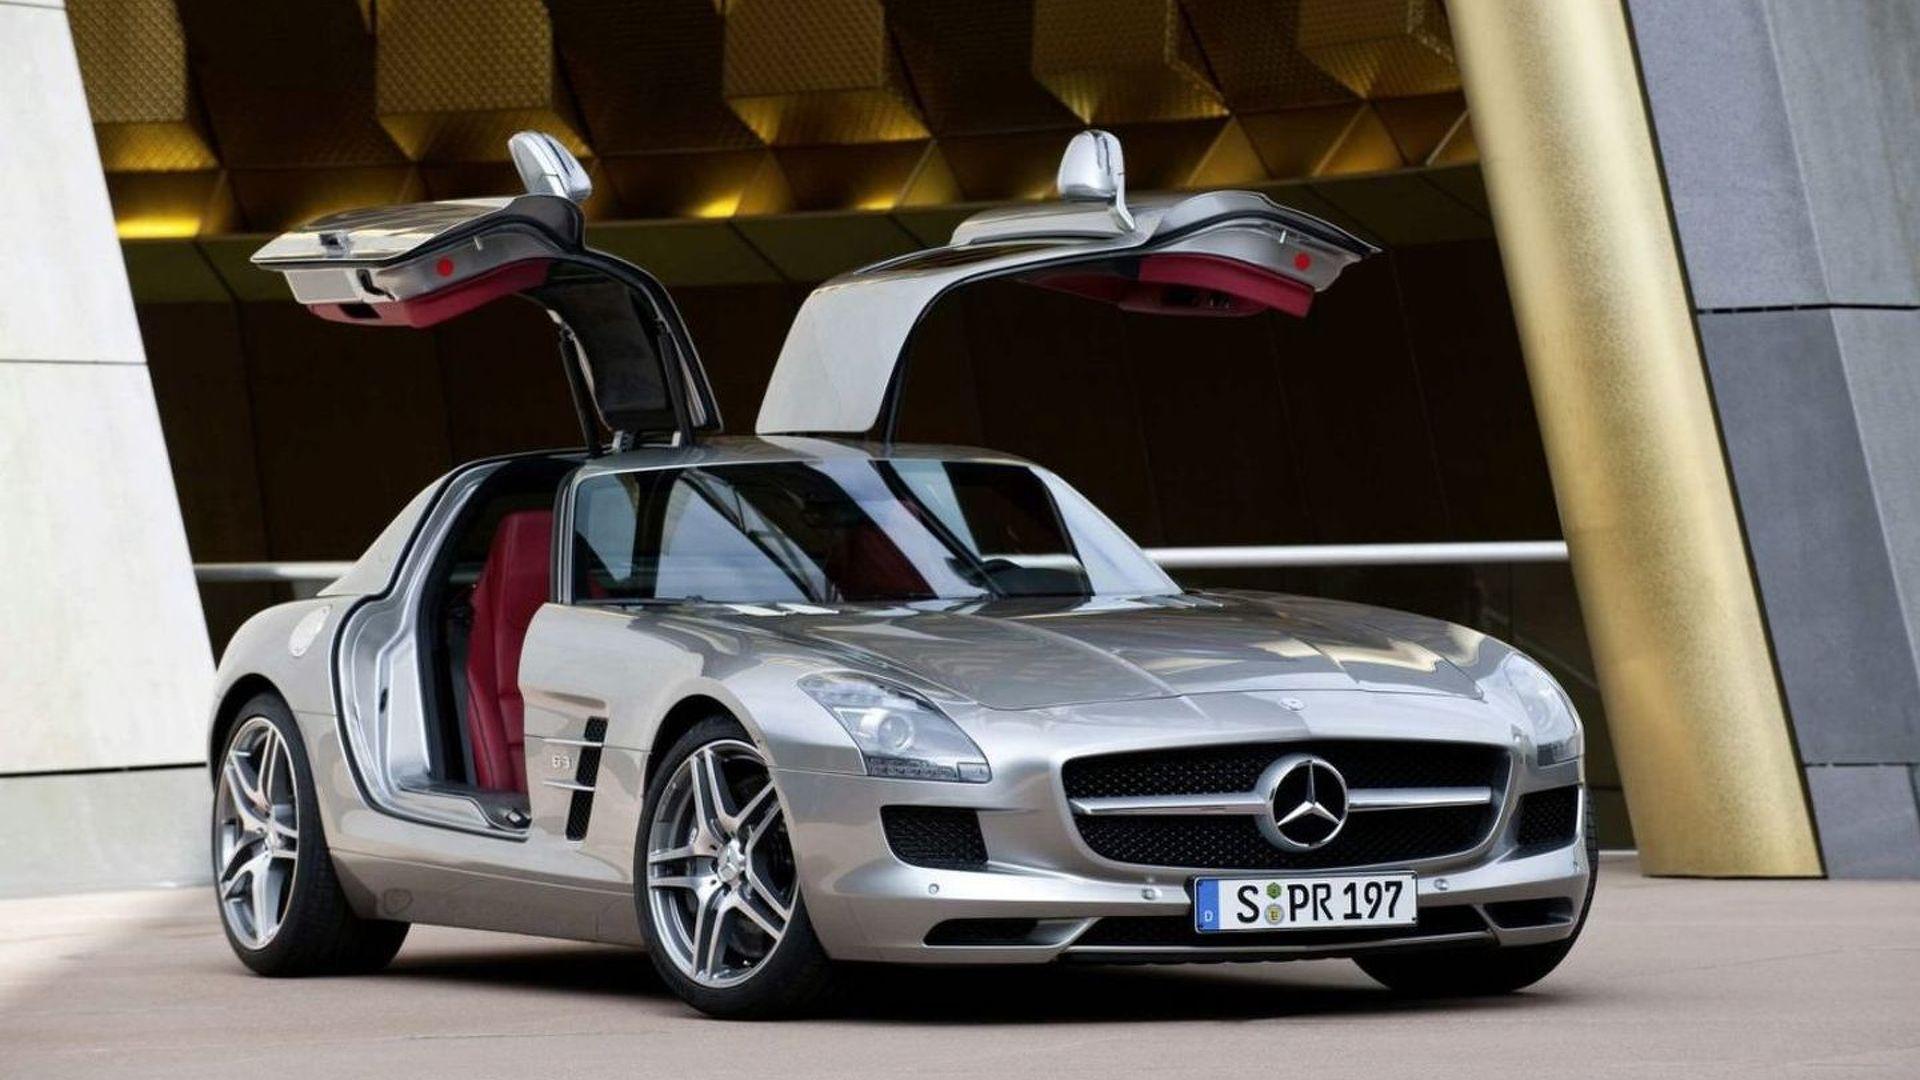 Mercedes продал два суперкара SLS в 2020 году, через шесть лет после окончания производства